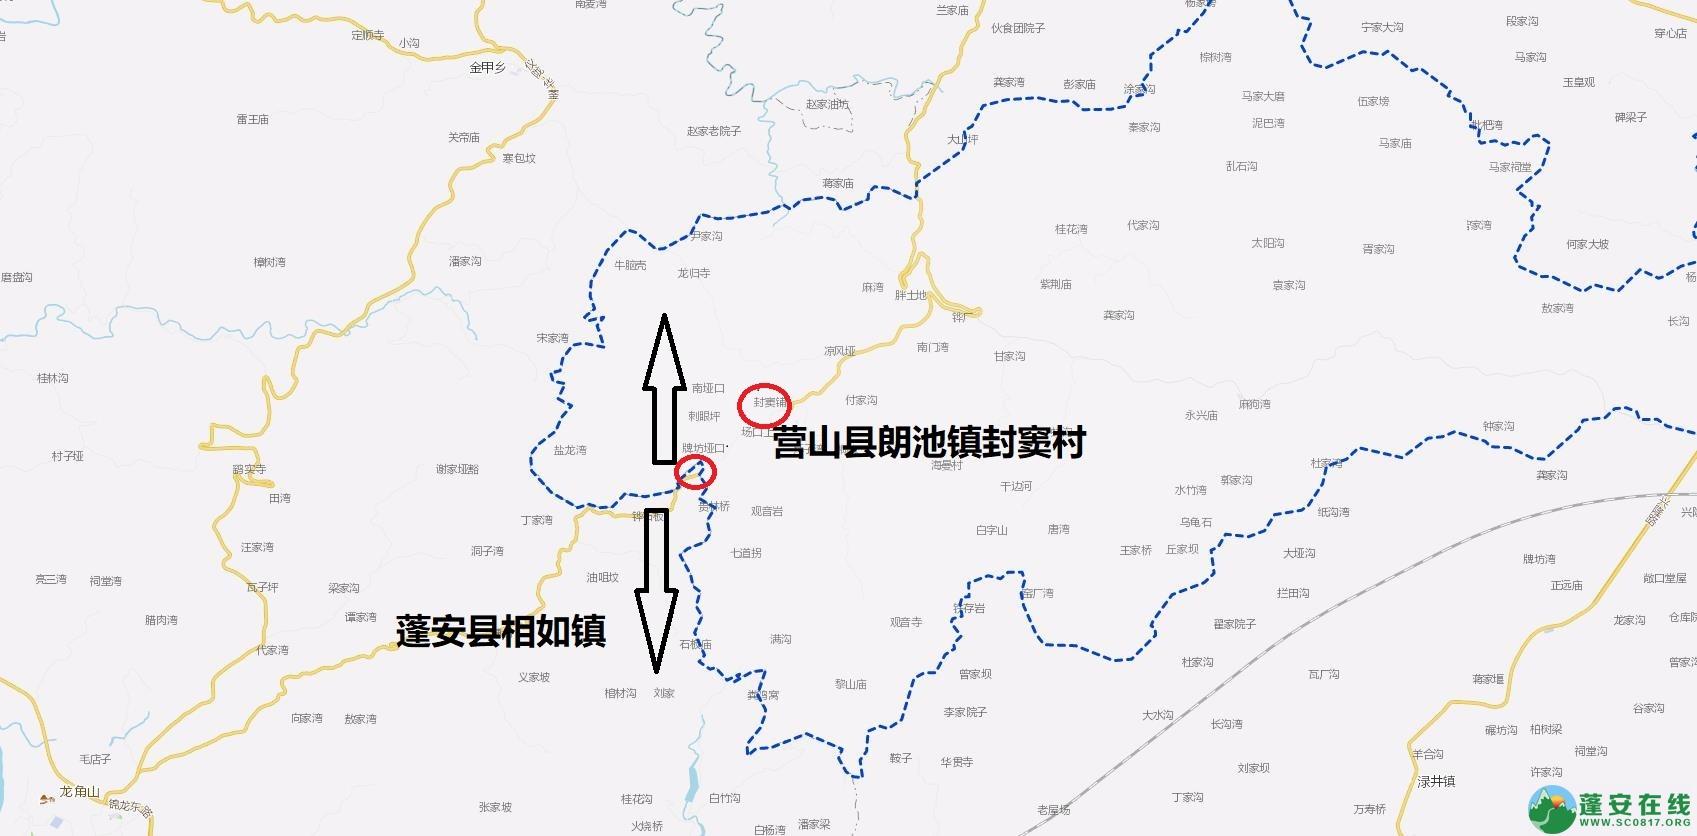 营山出土清代营山与蓬安县界碑 - 第2张    蓬安在线